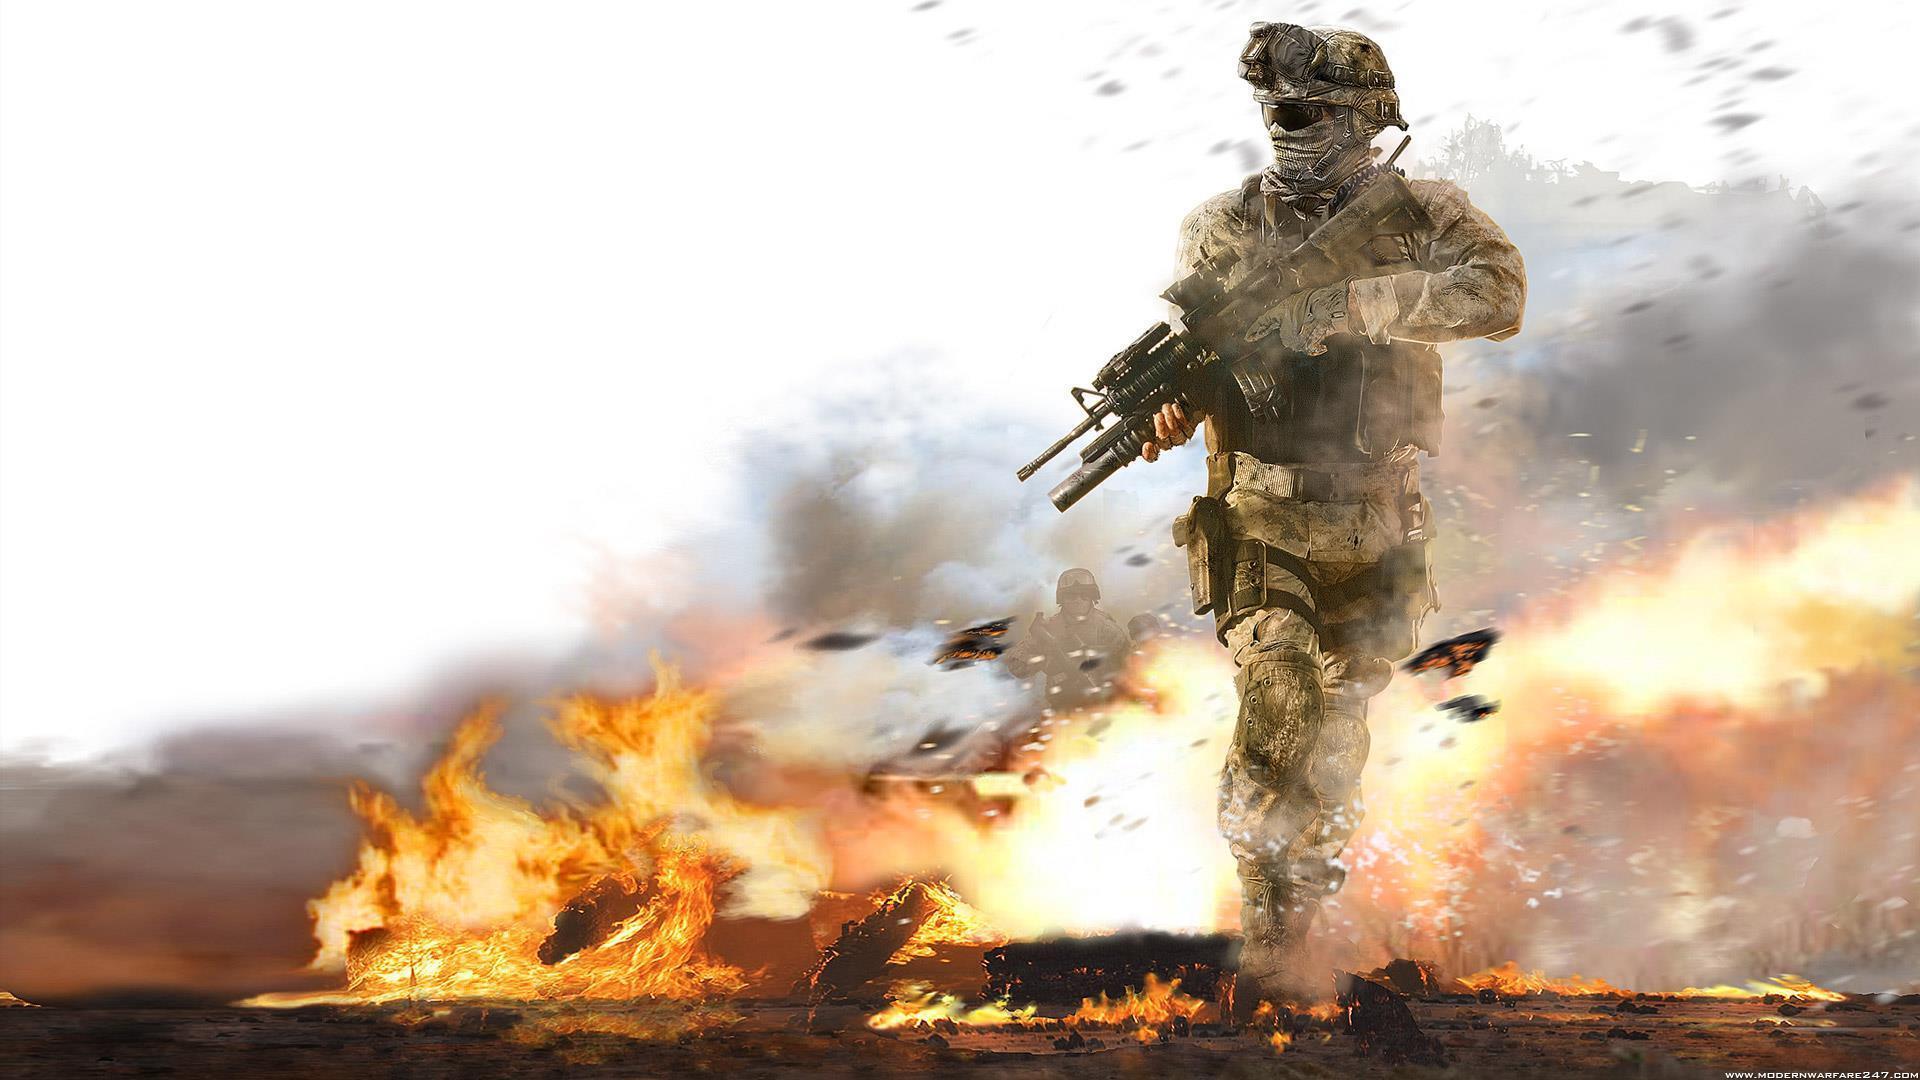 les-soldats-du-futur-la-guerre-aujourdhui-ou-demain_inquietude_02